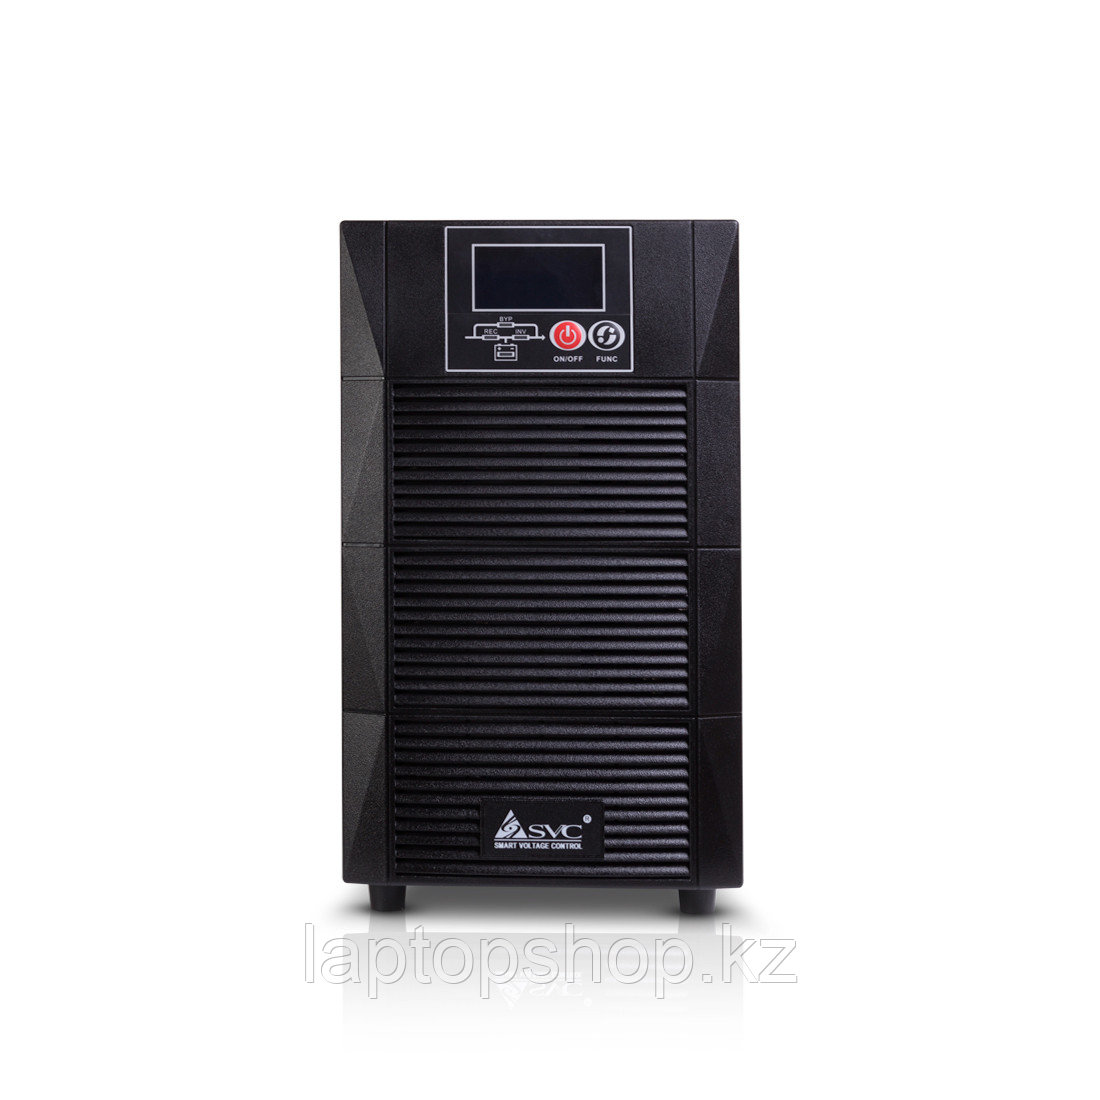 Источник бесперебойного питания SVC PTX-2KL-LCD, Мощность 2000ВА/1800Вт